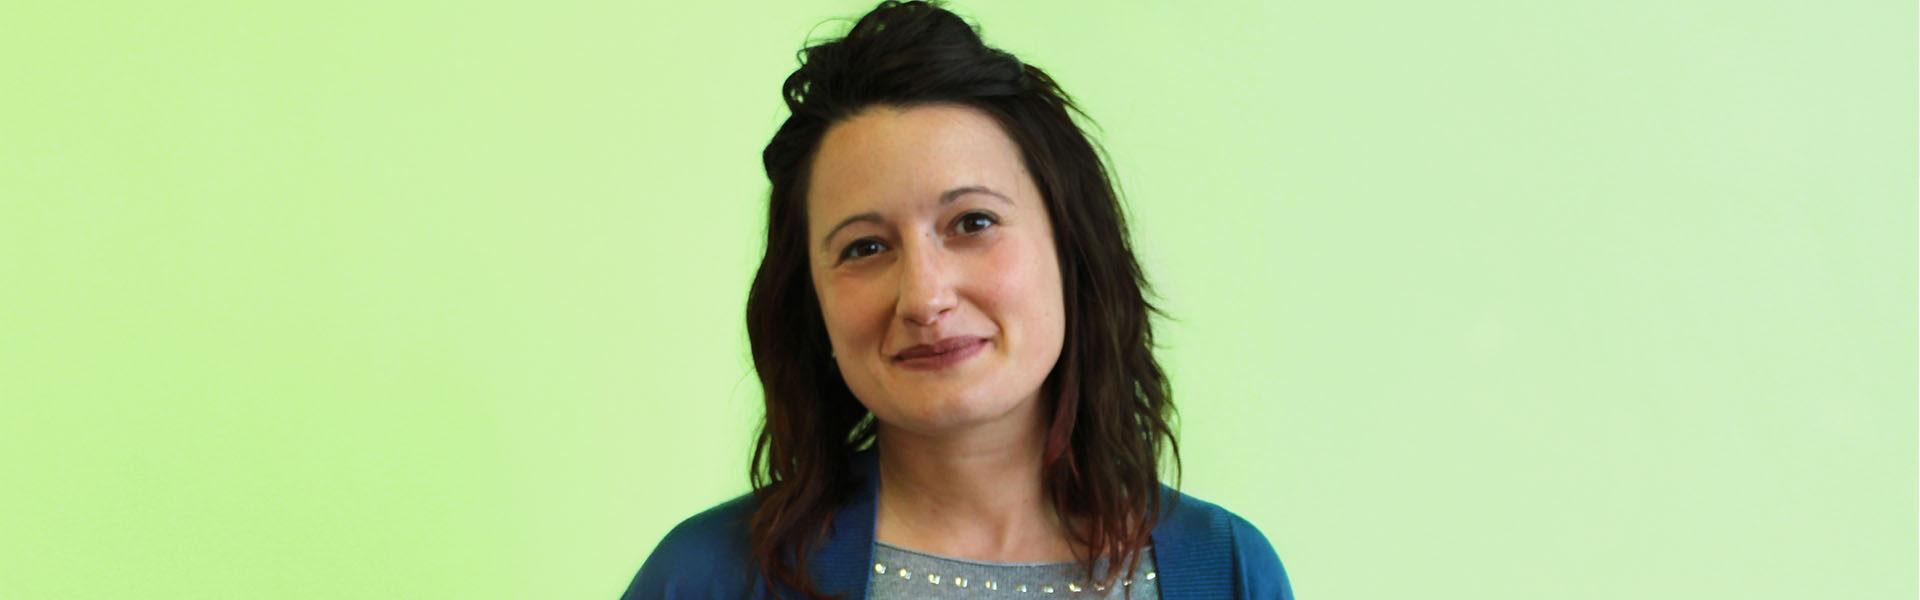 Serena Angelini, Psicologa e Psicoterapeuta